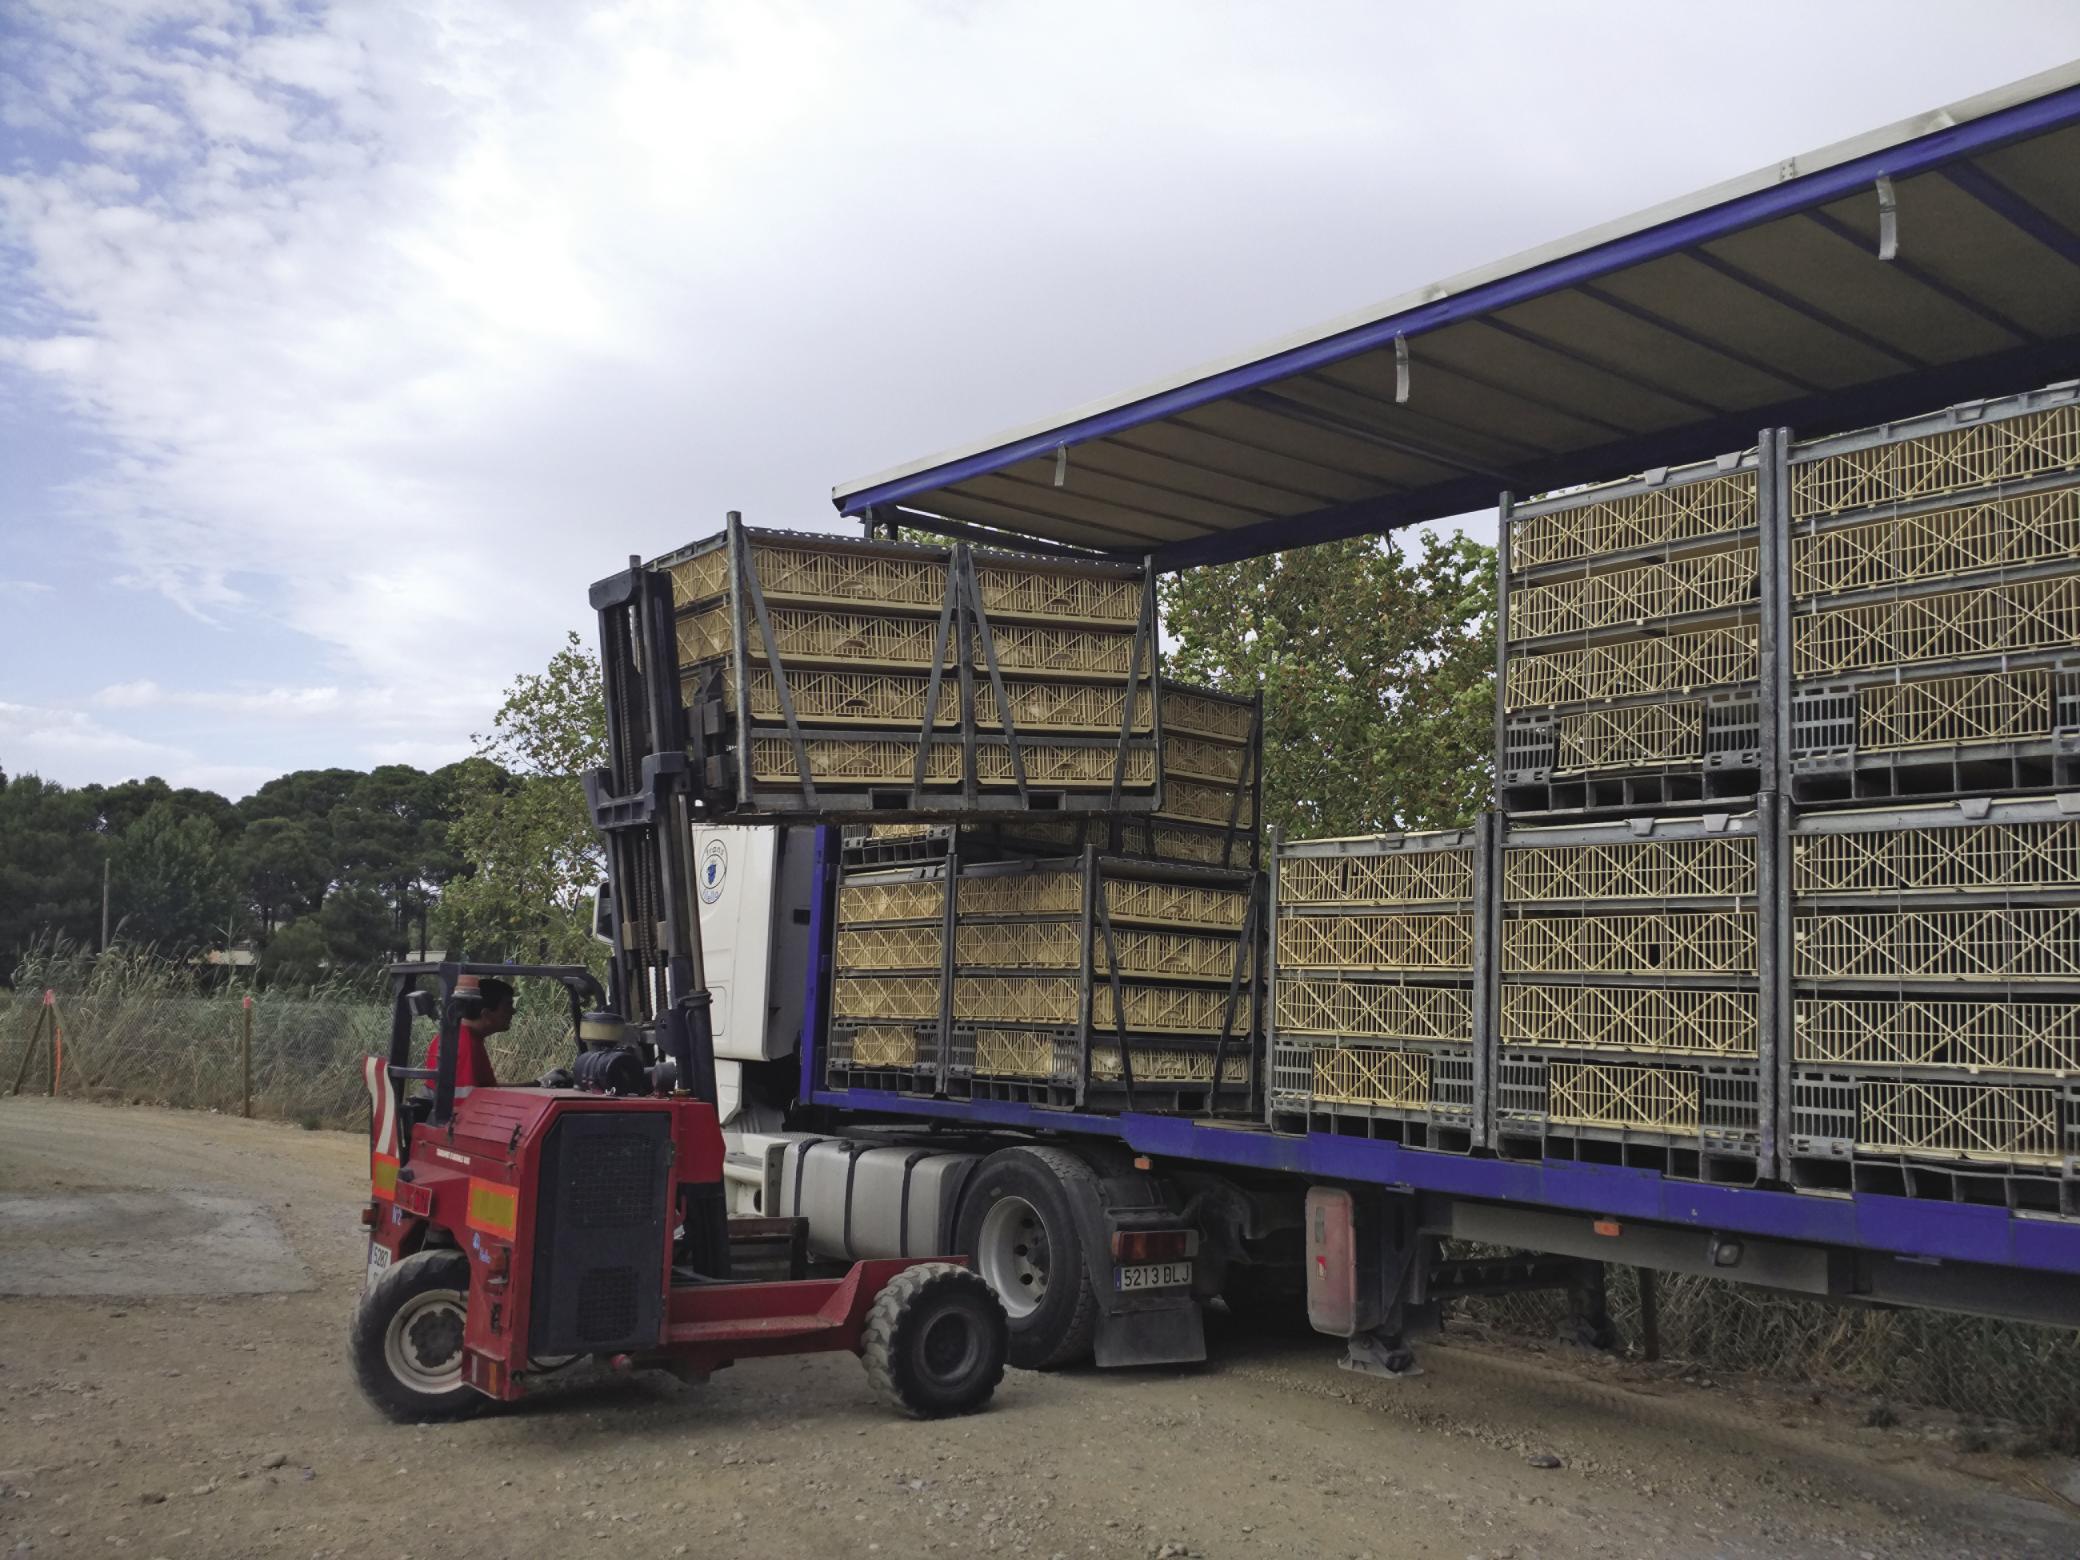 Selecciones Avícolas - Sistemas implantados para mejorar la carga de pollos en la granja